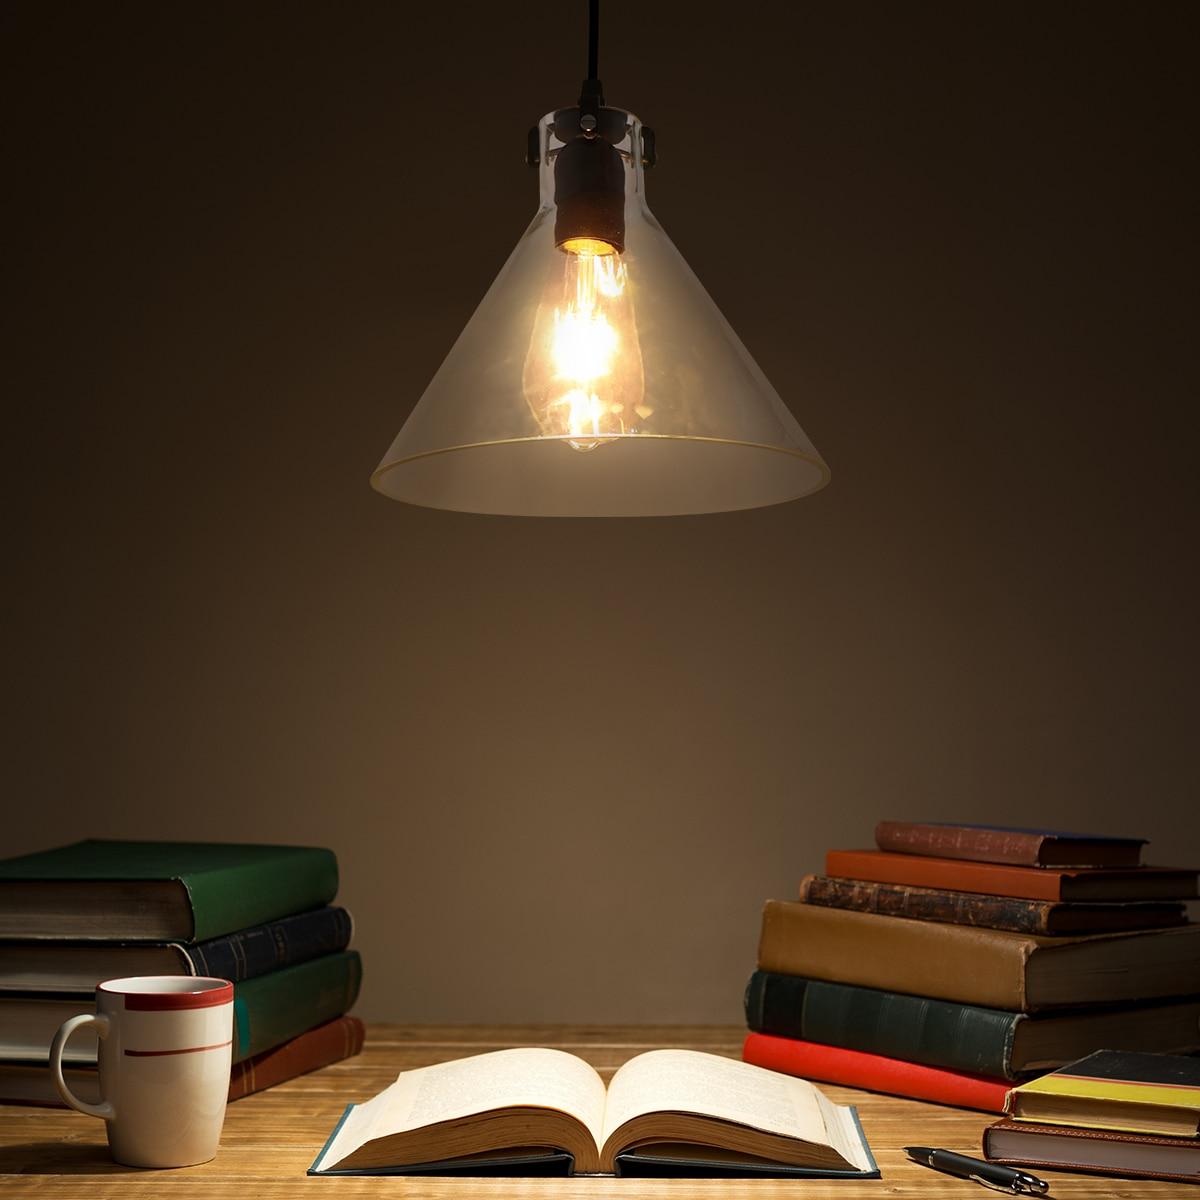 Brillant Konesky Moderne Esszimmer Anhänger Licht Platte Innen Wohnzimmer Schlafzimmer Dekoration Lampe E27 Buchse